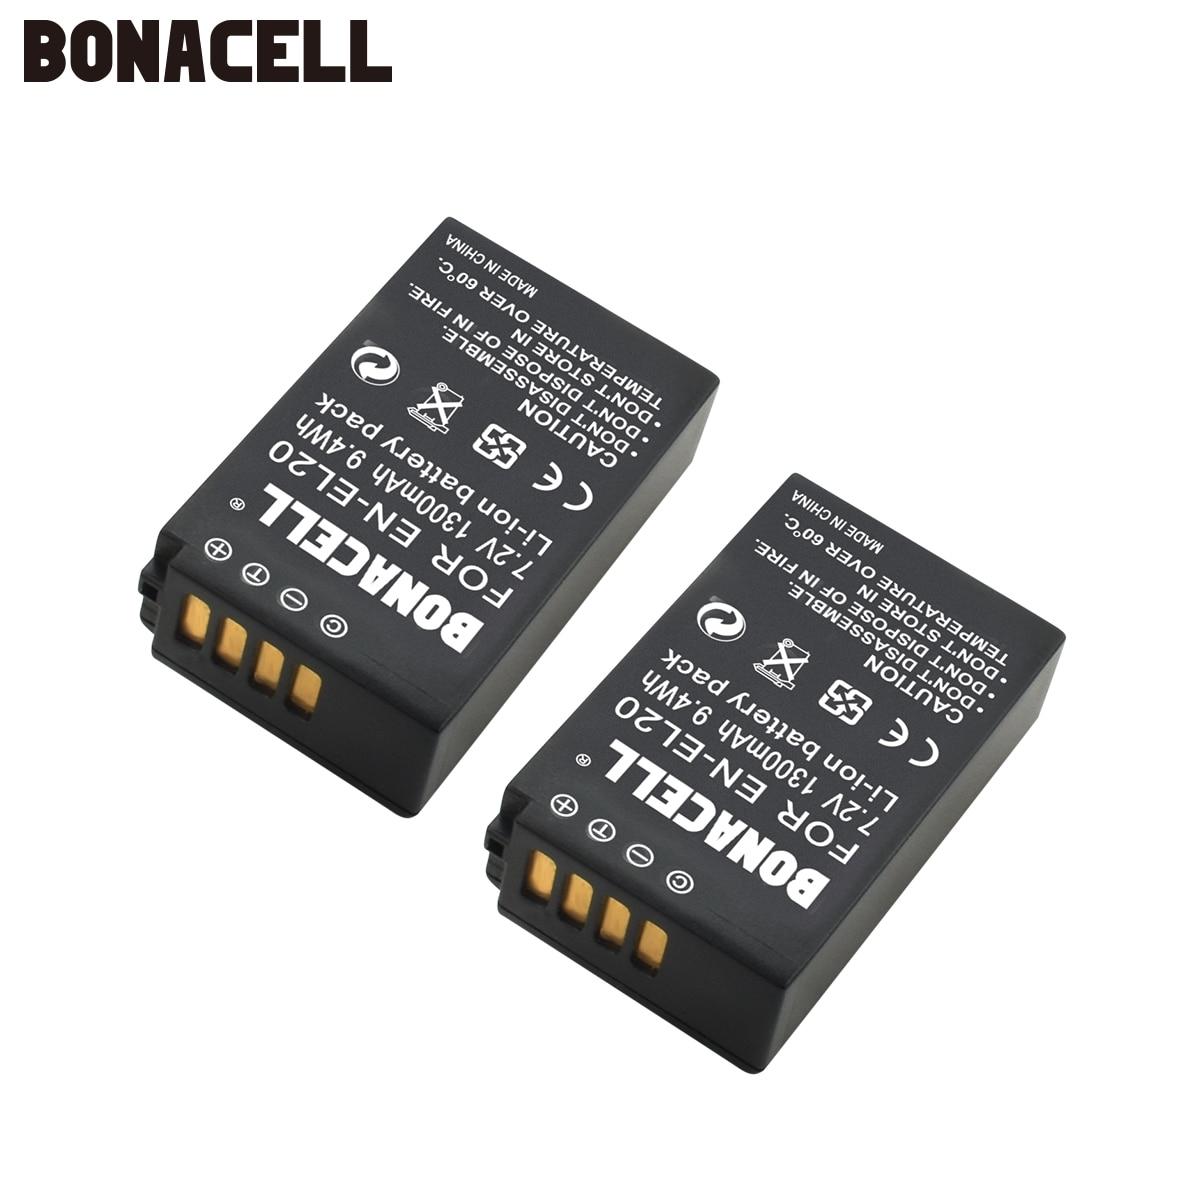 Bonacell – batterie pour appareil photo numérique, Rechargeable, 7.2V, 1300mAh, EN-EL20 EN EL20 ENEL20, pour Nikon EN-EL20a 1 J1 J2 J3 S1 L50